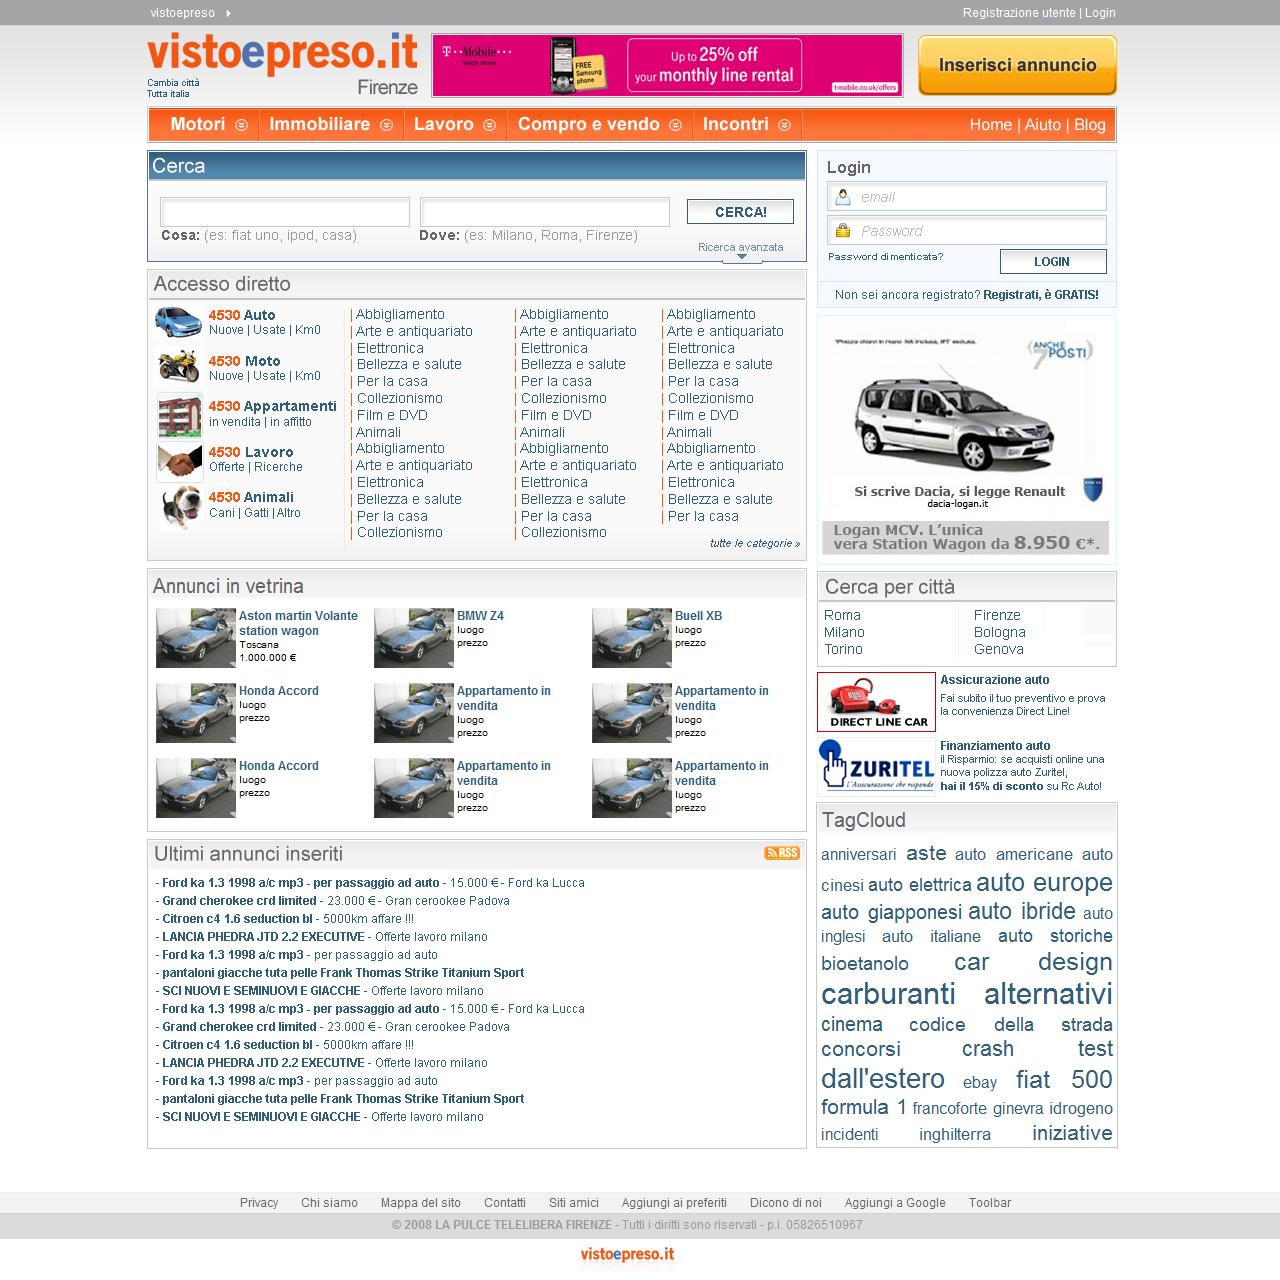 VISTOEPRESO.IT, l'innovativo portale di annunci, dà vita ad un'originale azione di marketing